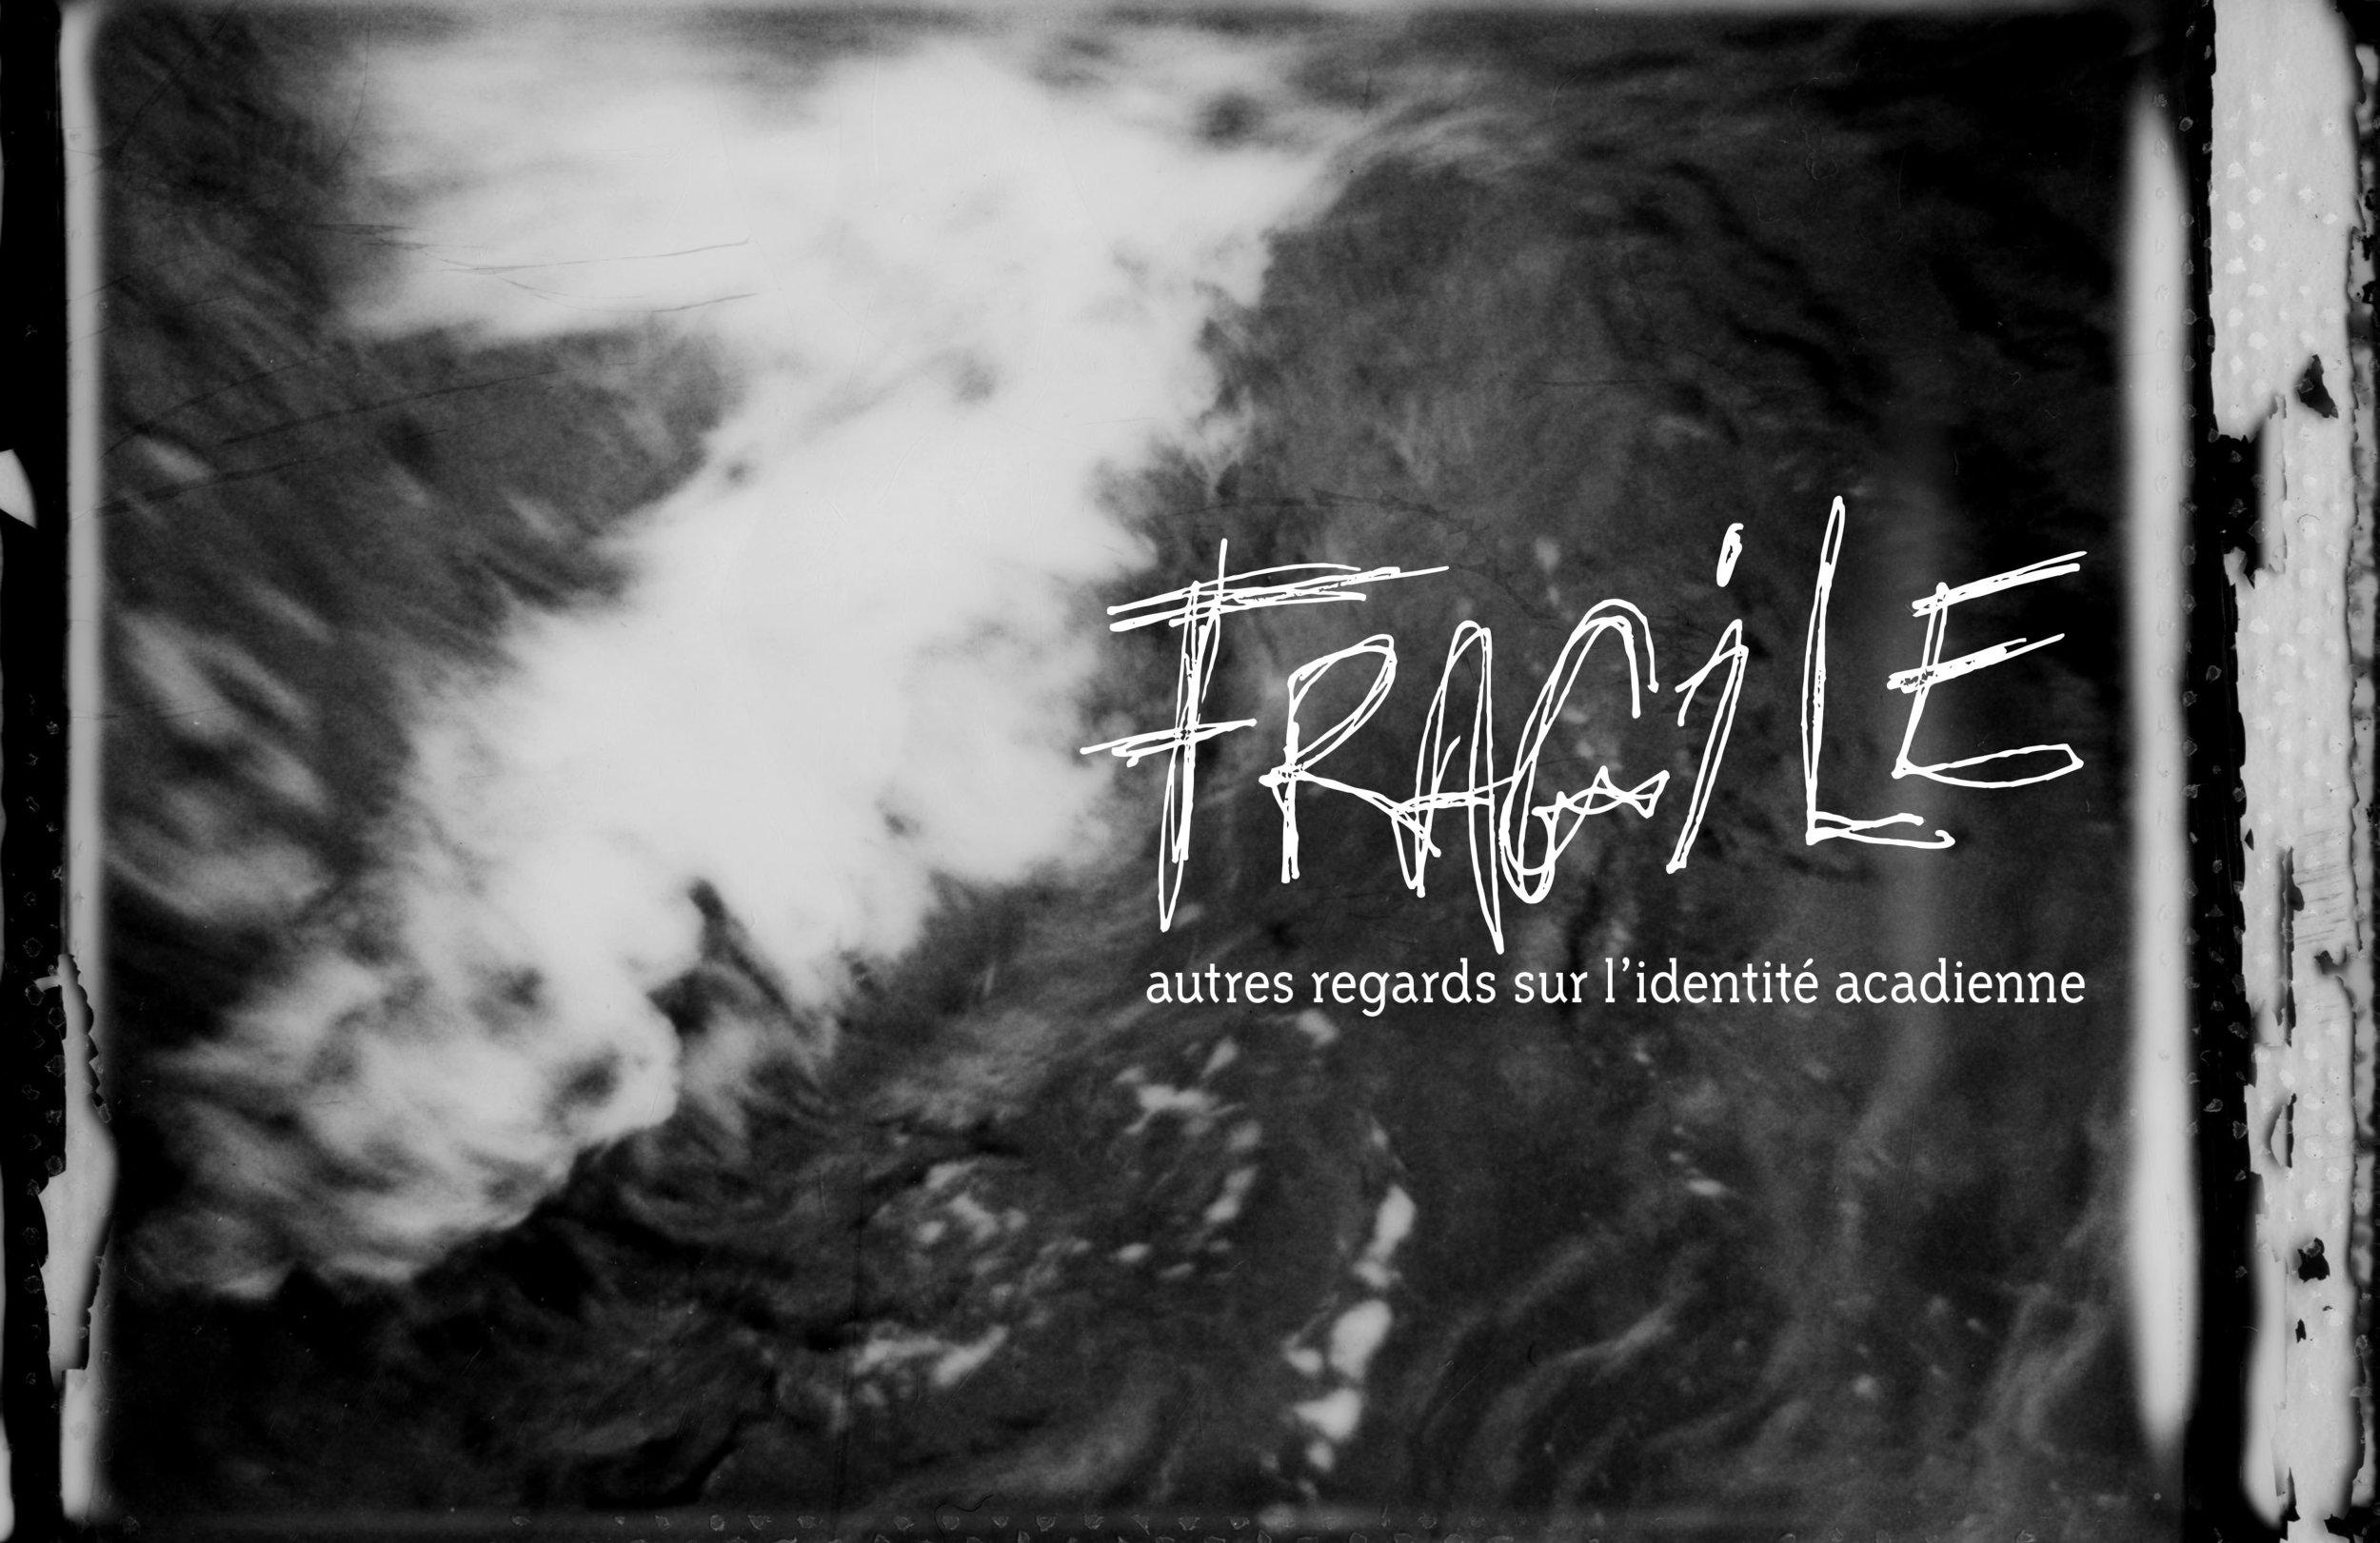 1er au 31 août 2019   FRAGILE : autre regards sur l'identité acadienne   présenté grâce au support du Congrès Mondial Acadien 2019 • Détails à suivre! / Details to follow!